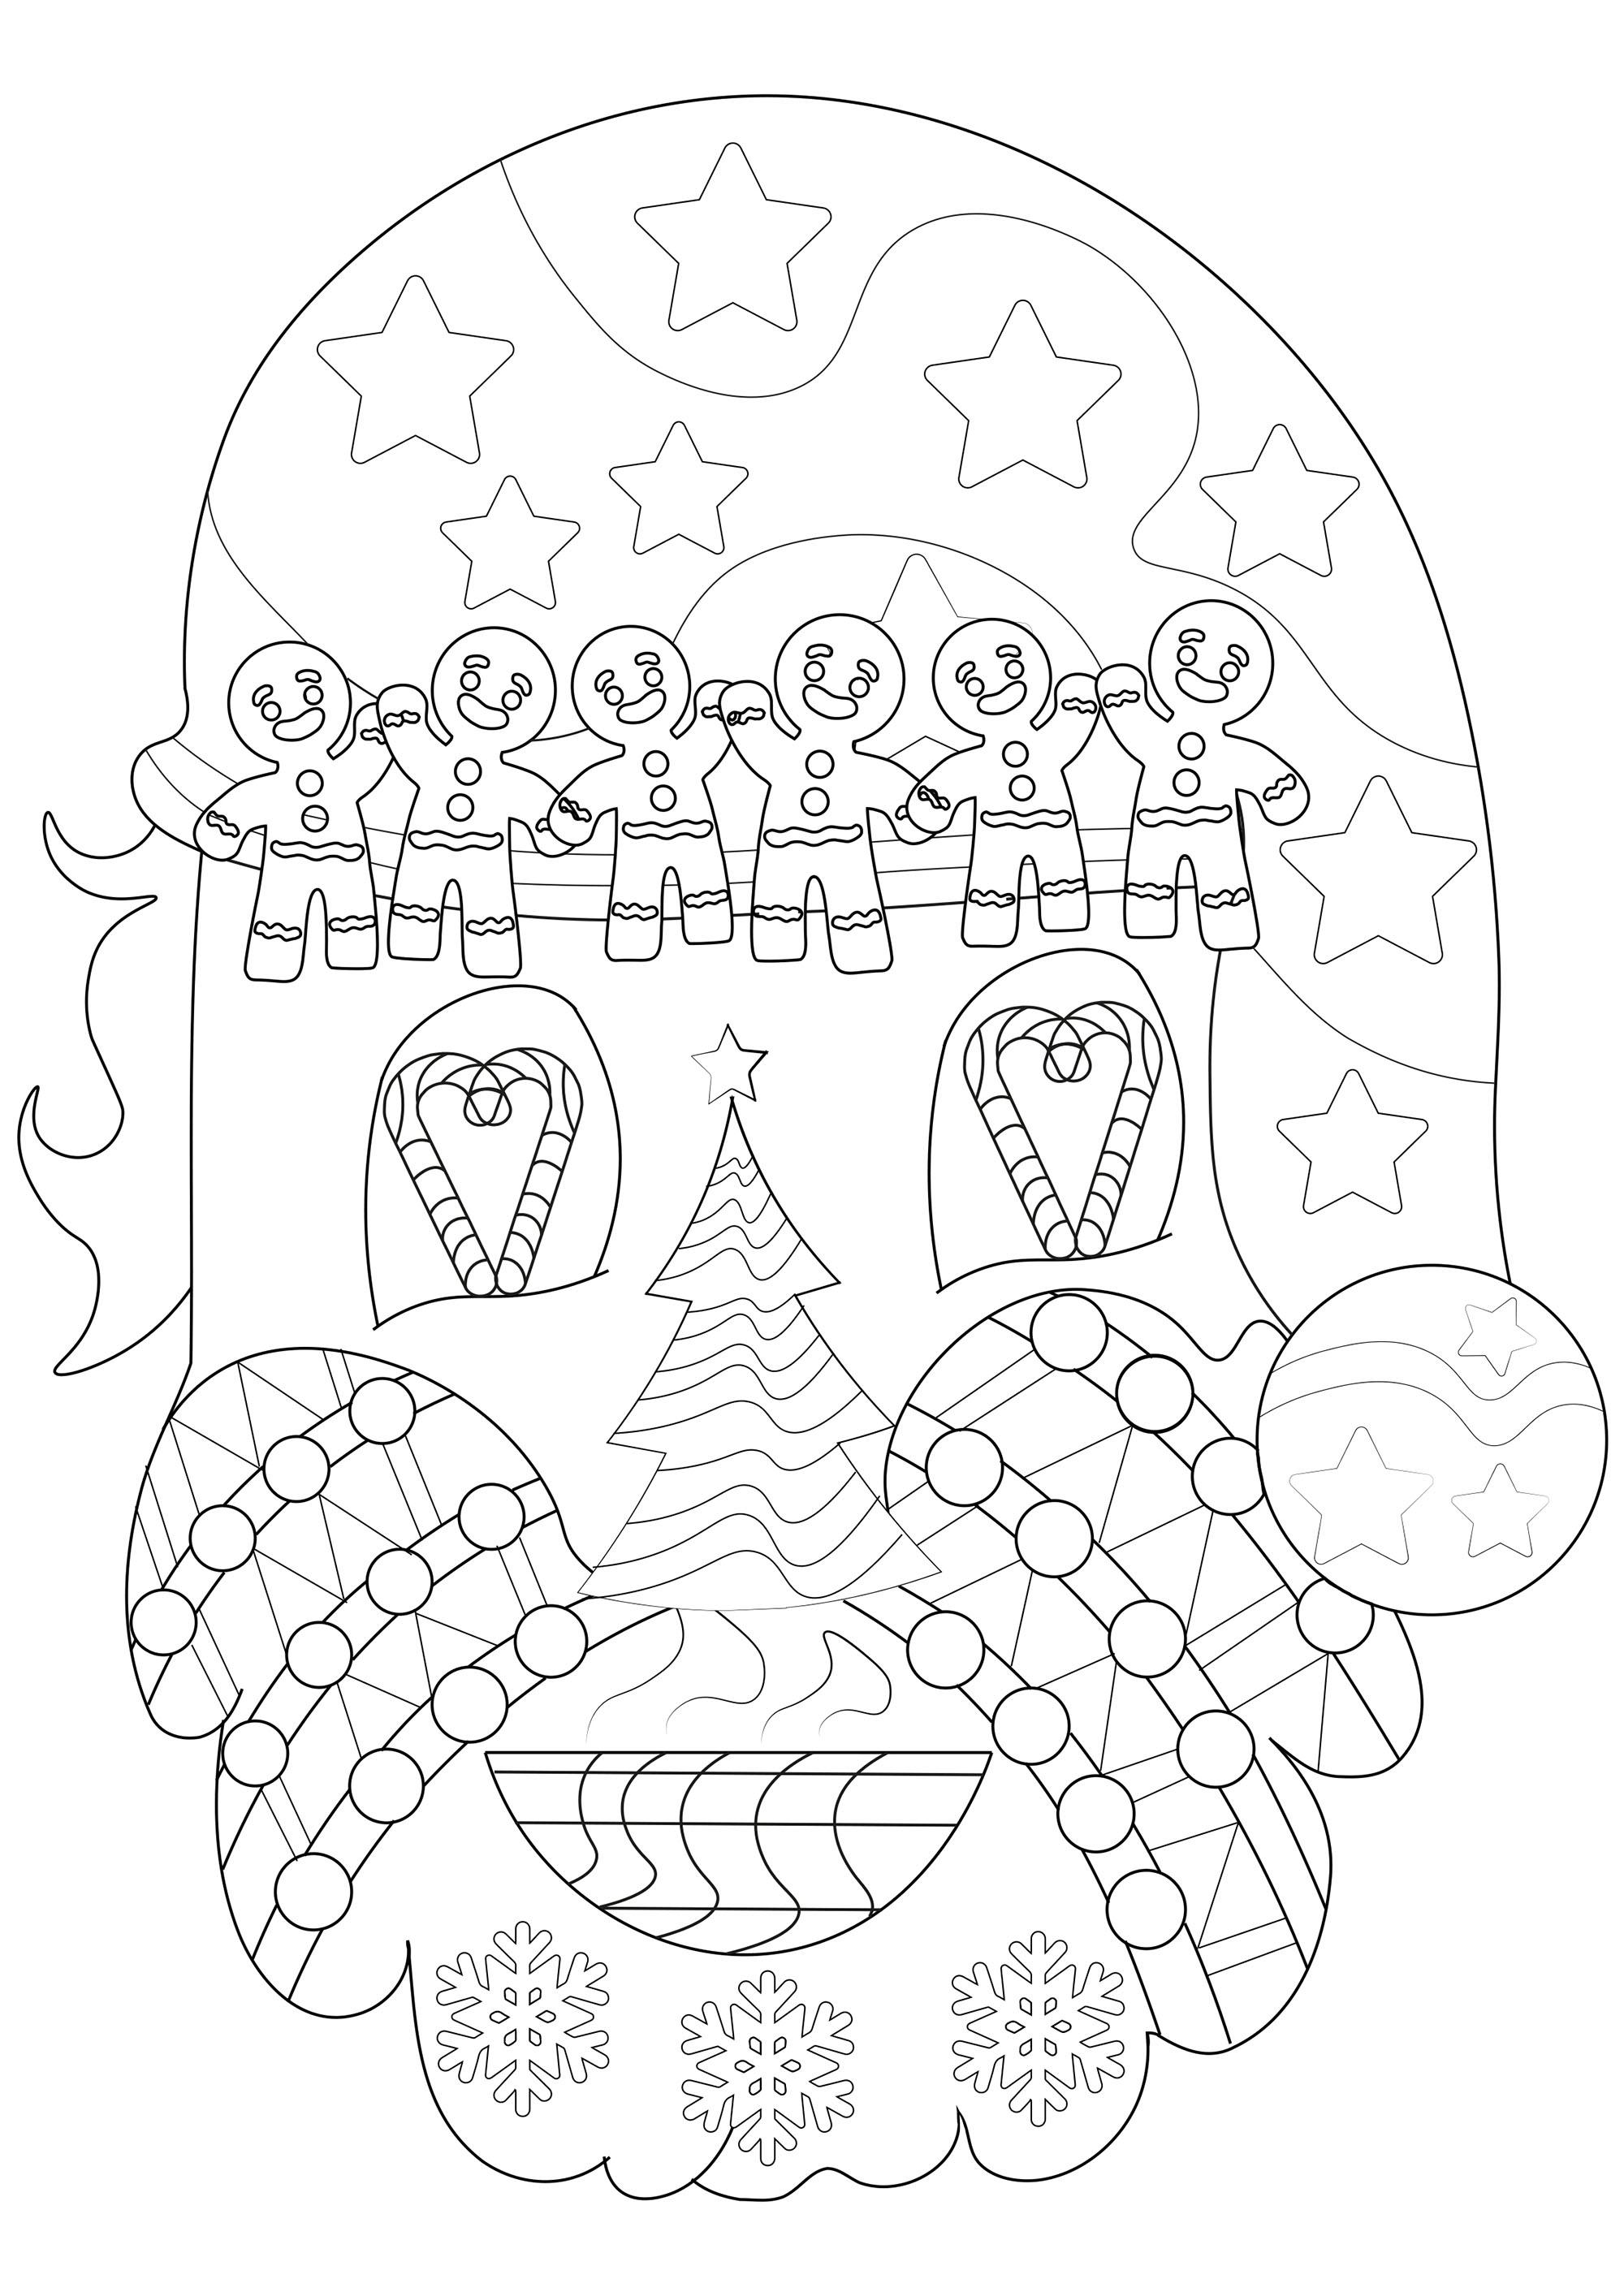 Coloriez cette tête de Père Noël avec différents symboles de Noël : sapin, flocons de neige, guirlandes de Noël, boules de Noël, chocolat chaud, bonbons, étoiles ...